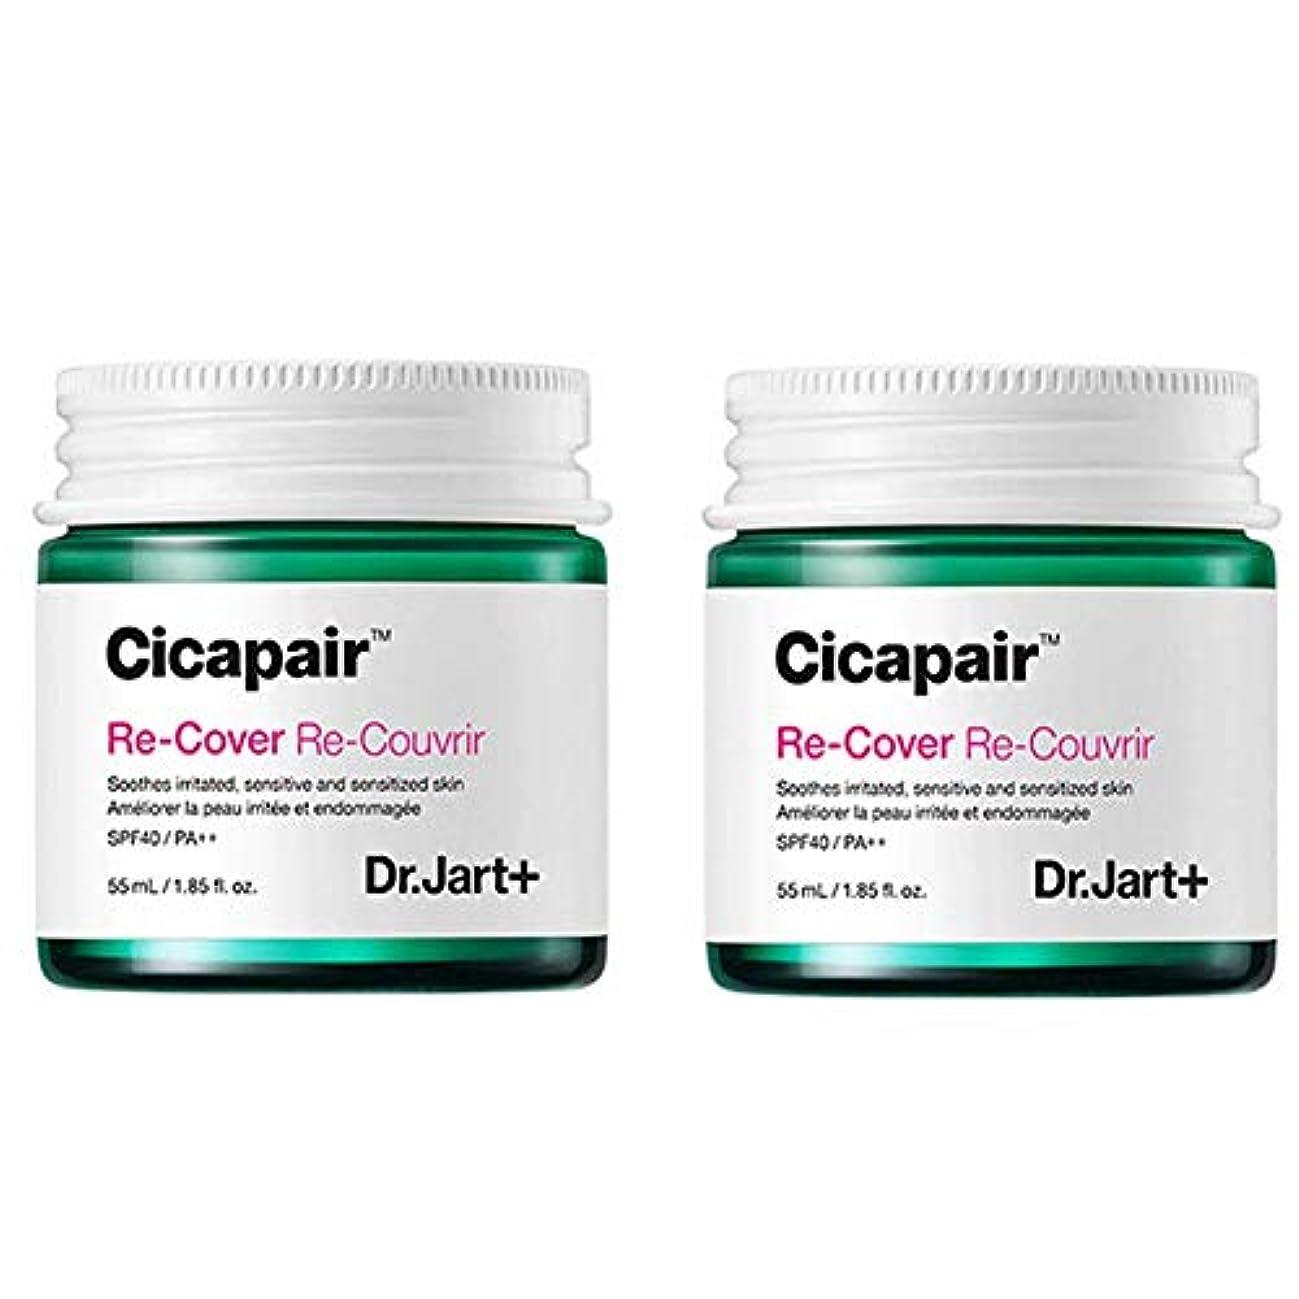 肌寒い安定した豊富Dr.Jart+ Cicapair ReCover X 2 ドクタージャルトシカペアリカバー X 2 (2代目)皮膚回復 紫外線カット 黄砂ケア [並行輸入品]